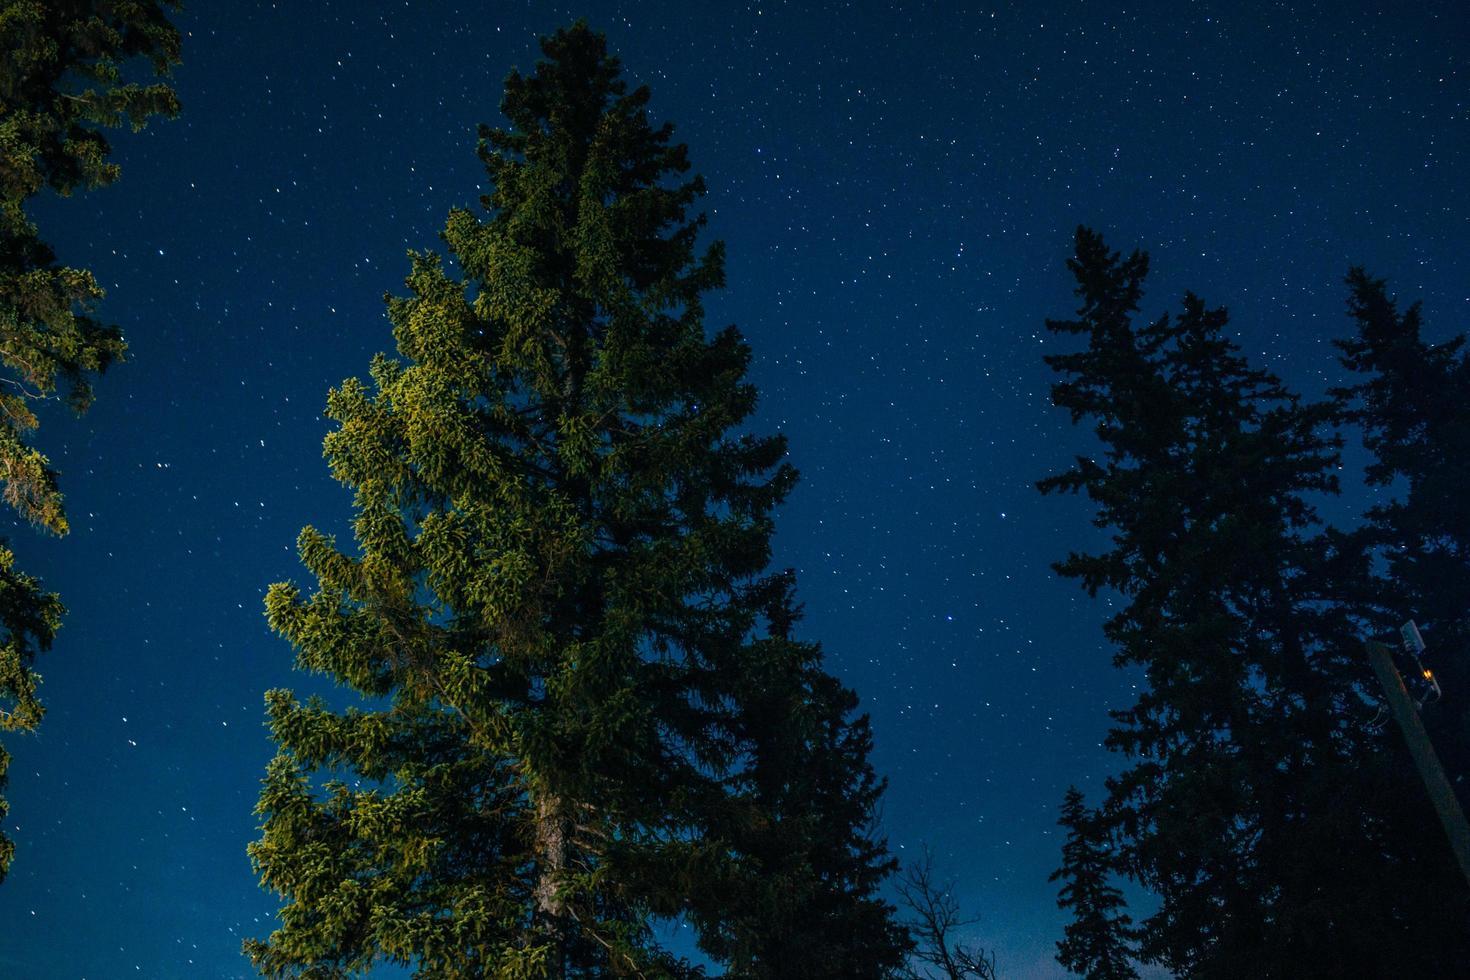 pin illuminé la nuit photo